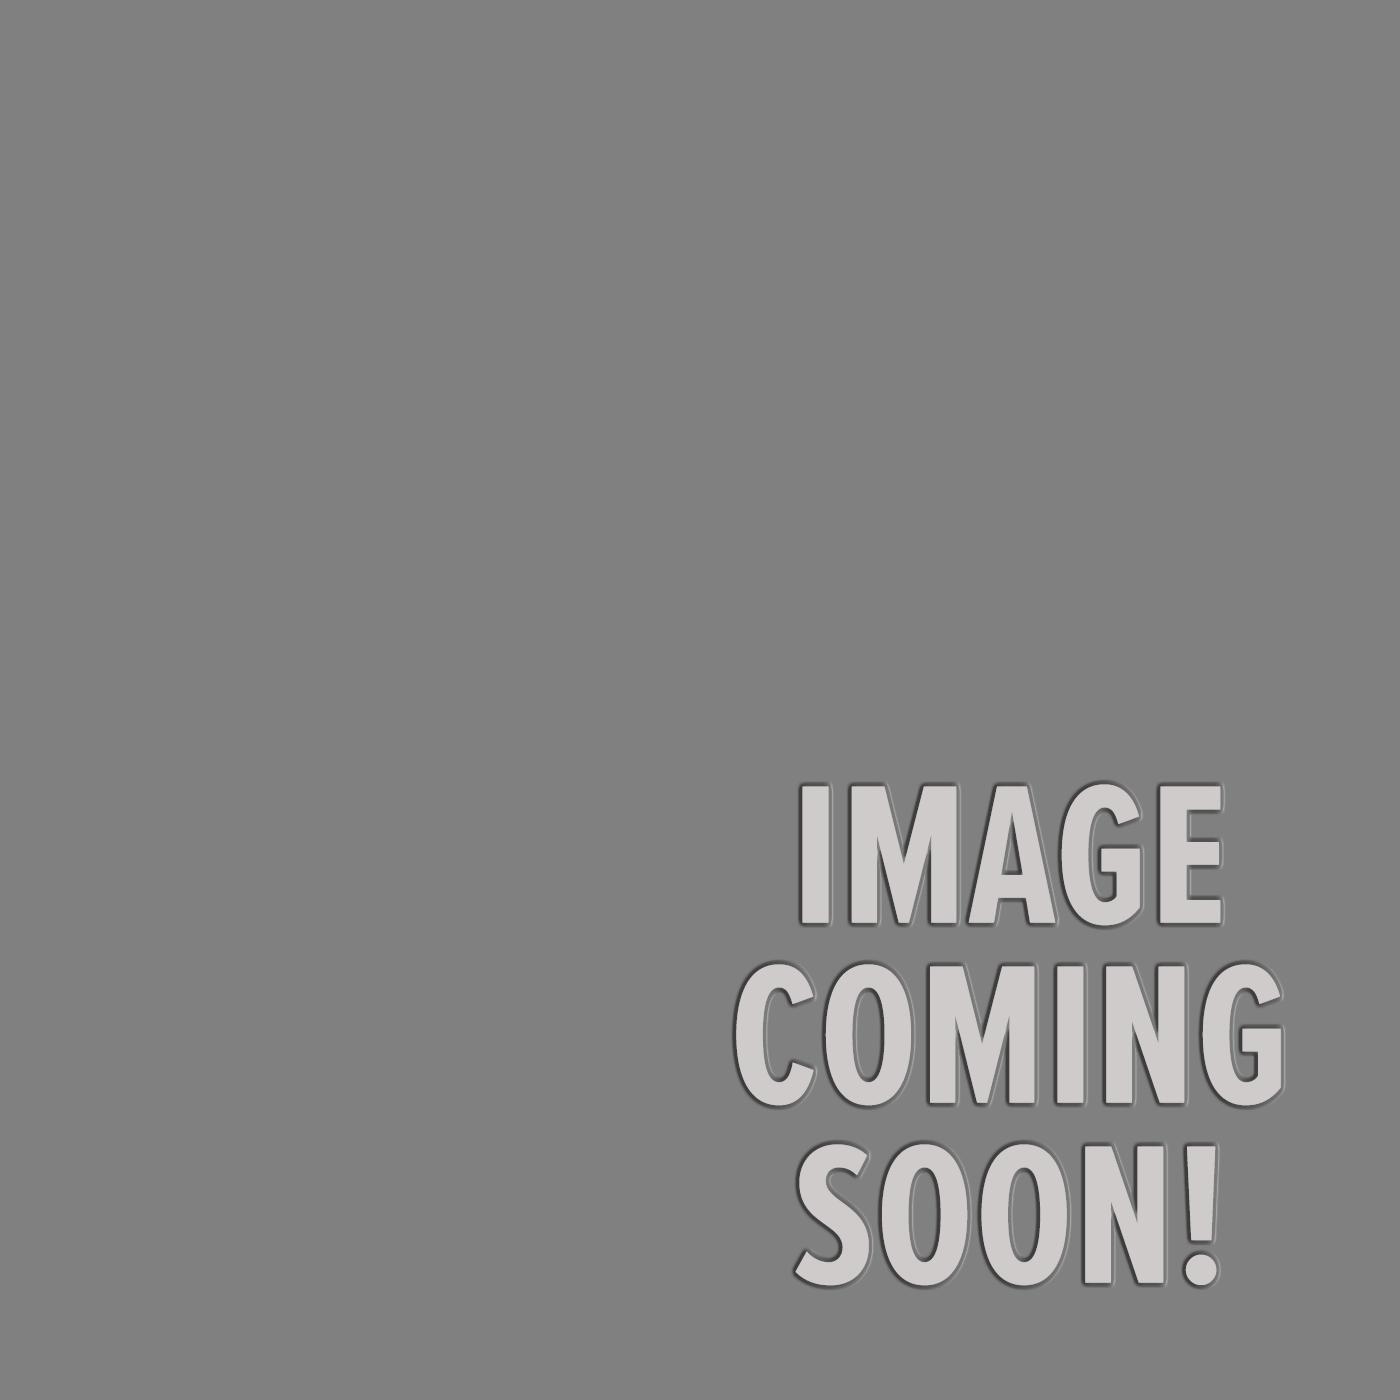 Taylor Guitars GS Mini Rosewood Acoustic Guitar